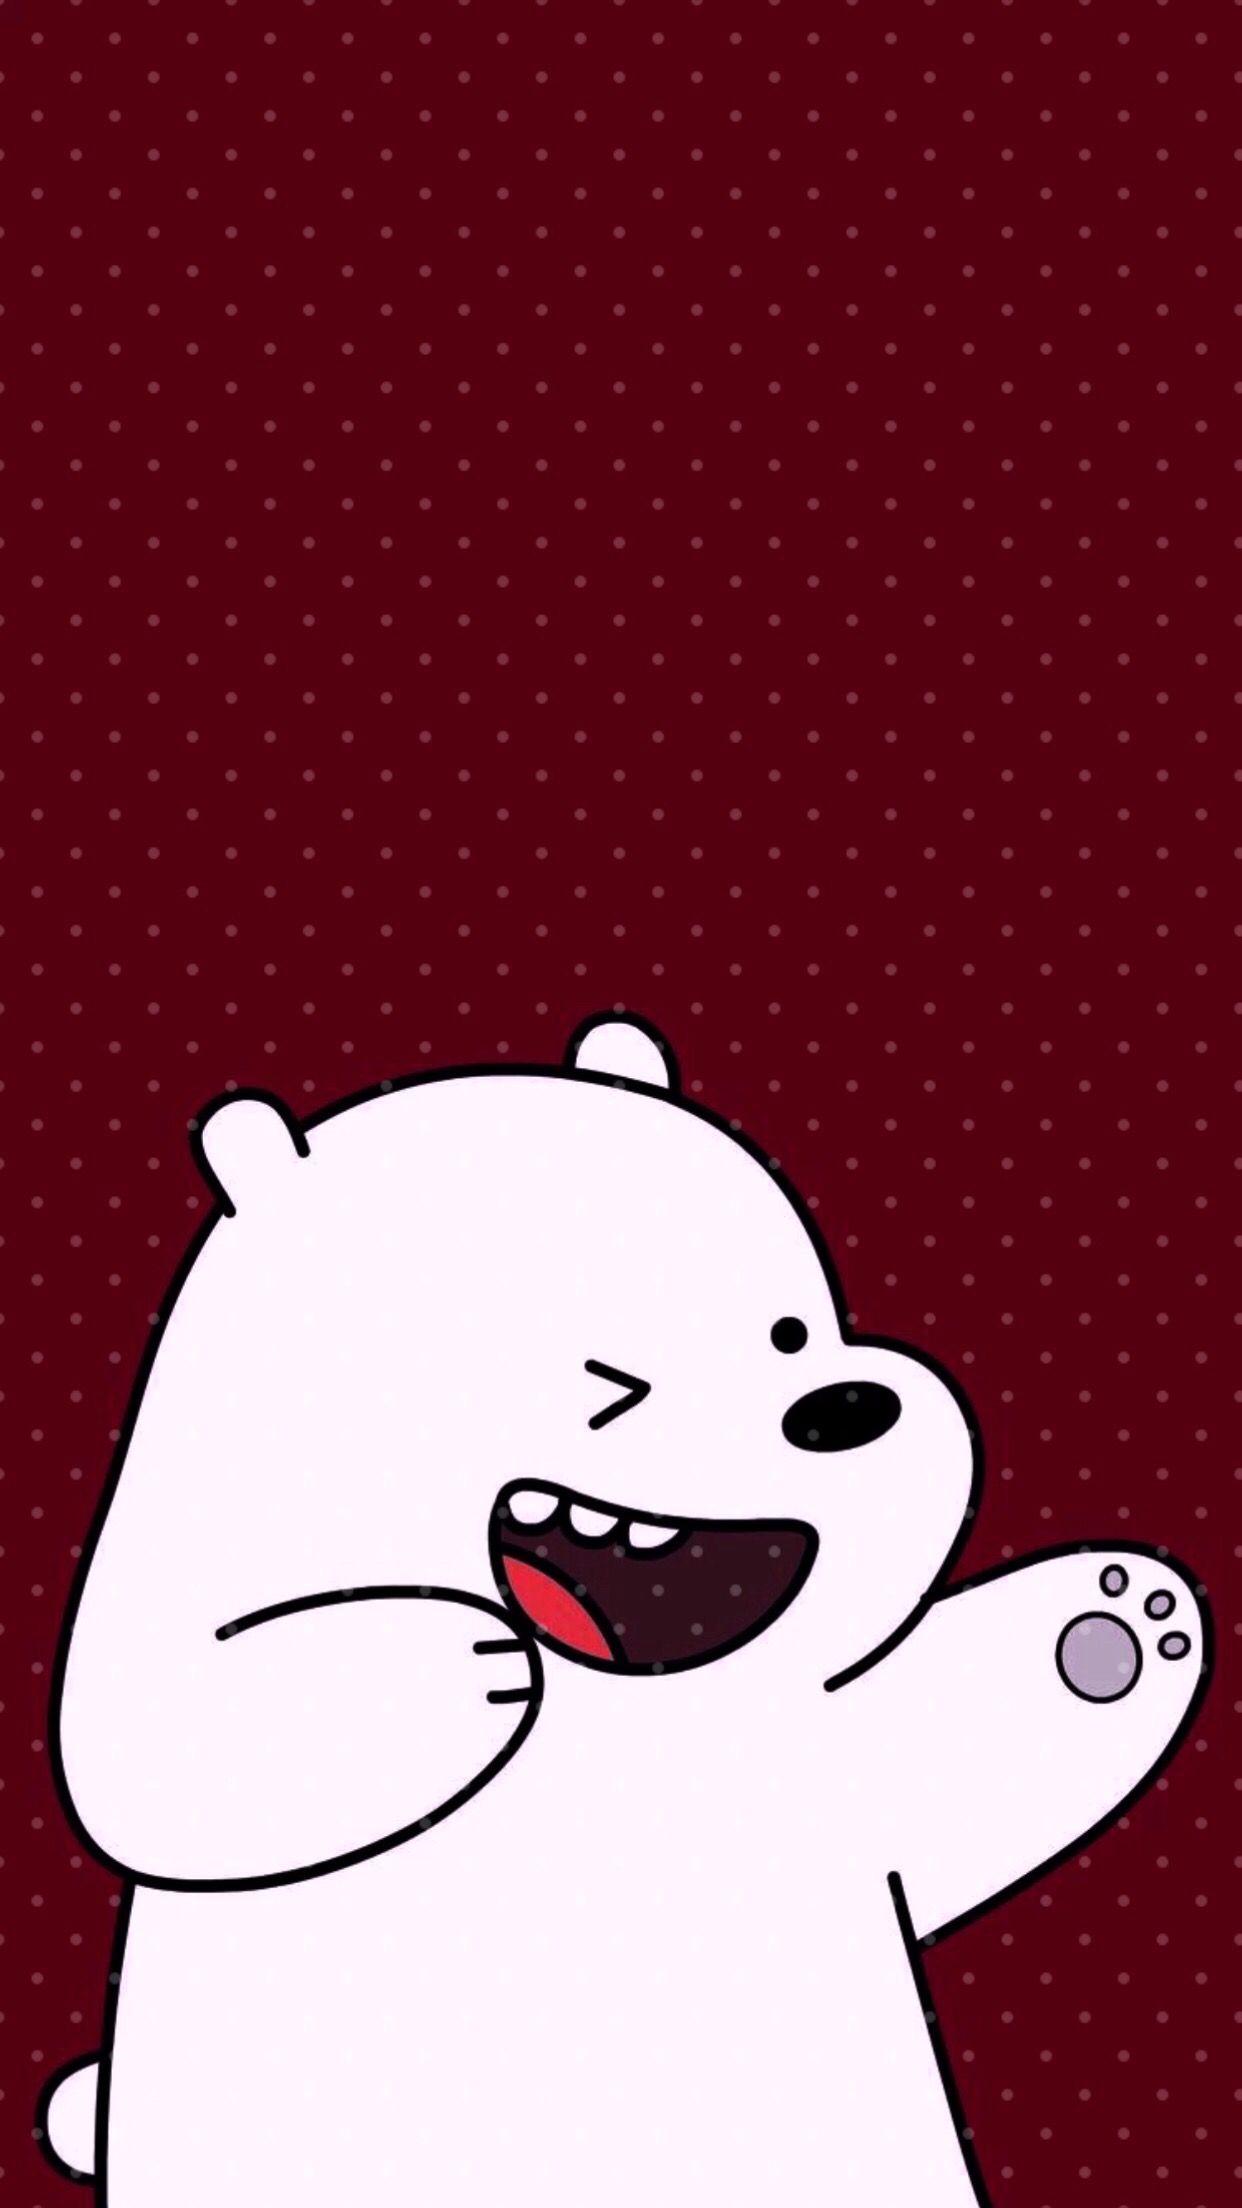 Pin Oleh Yingtingshen Di Bare Bears Beruang Kutub Kartun Animasi Disney